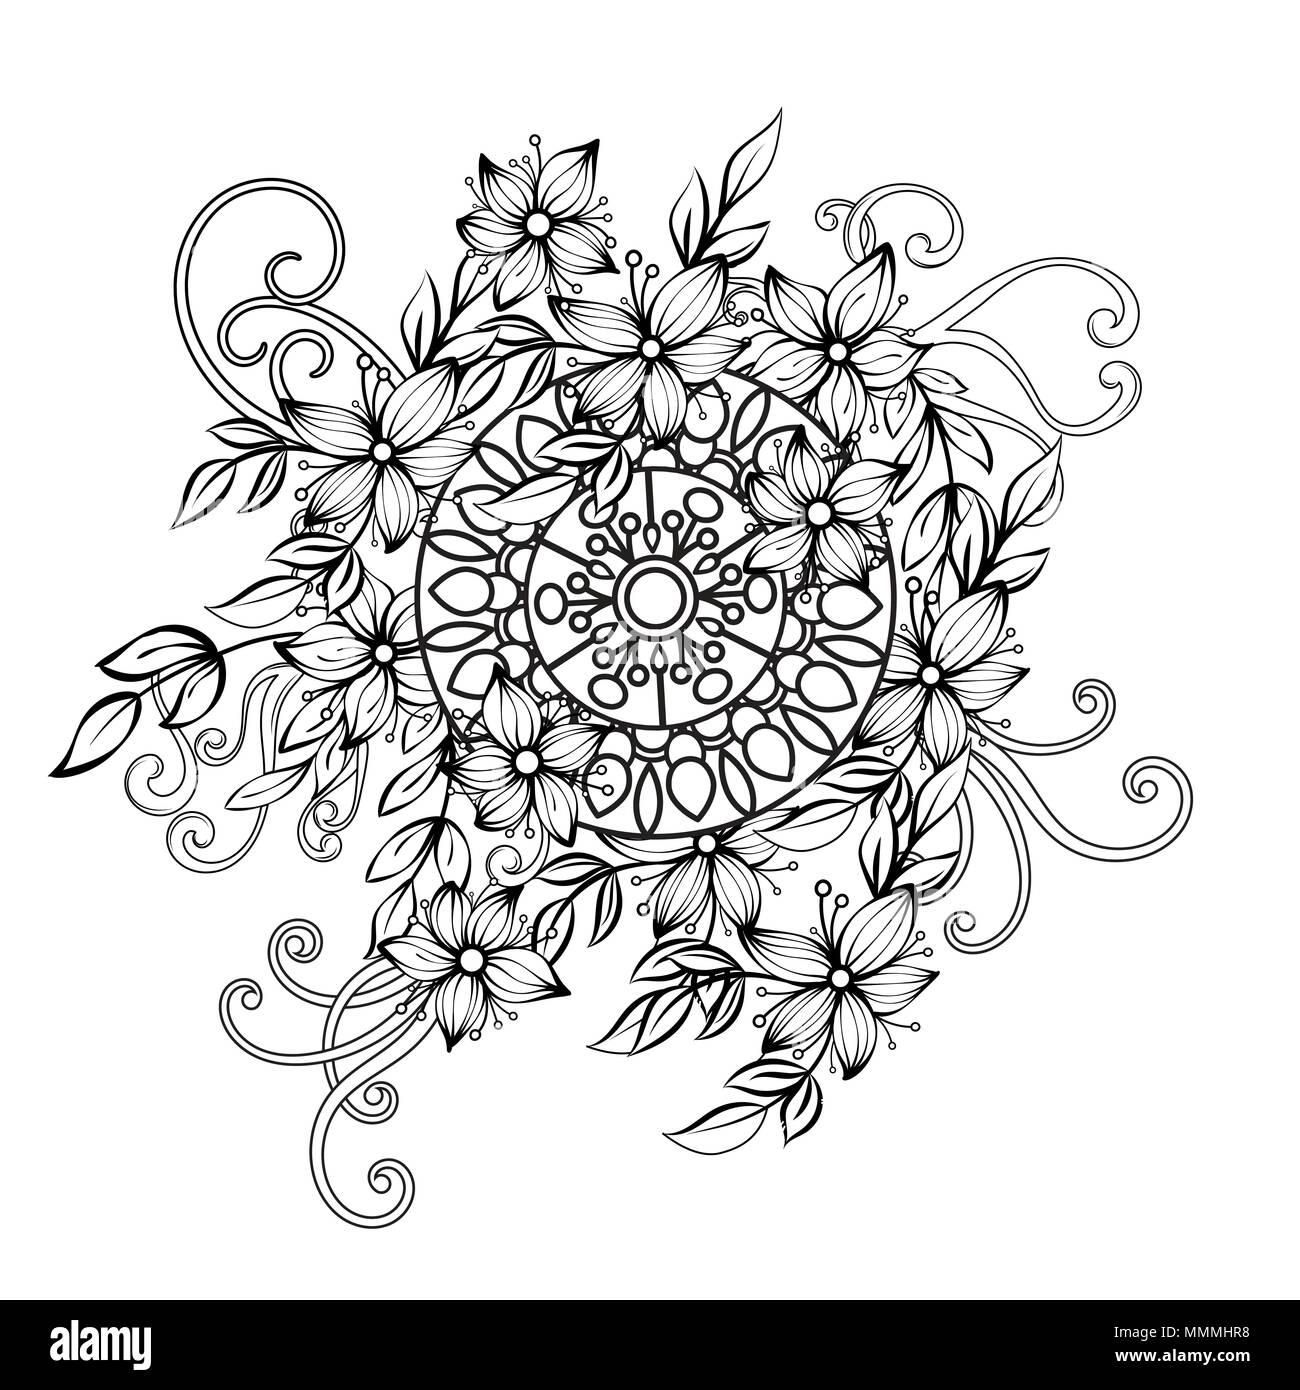 Motivo floreale in bianco e nero e a colori adulto libro - Pagina colorazione pavone ...